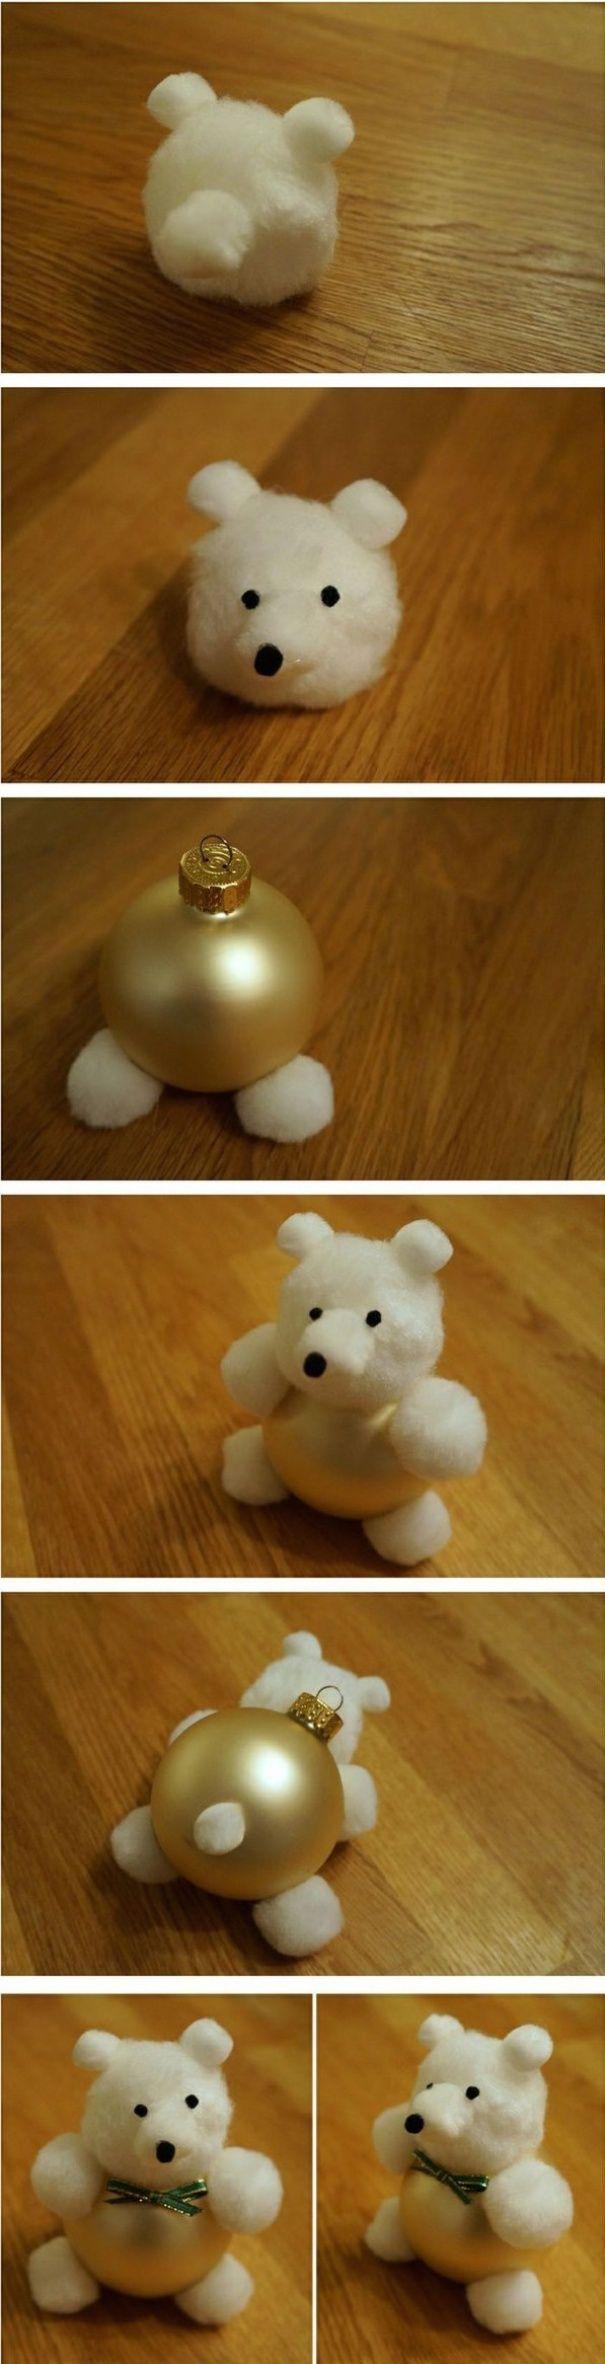 19 nouvelles idées de décorations de Noël à réaliser seul ou avec ses enfants - Page 3 sur 4 - Des idées